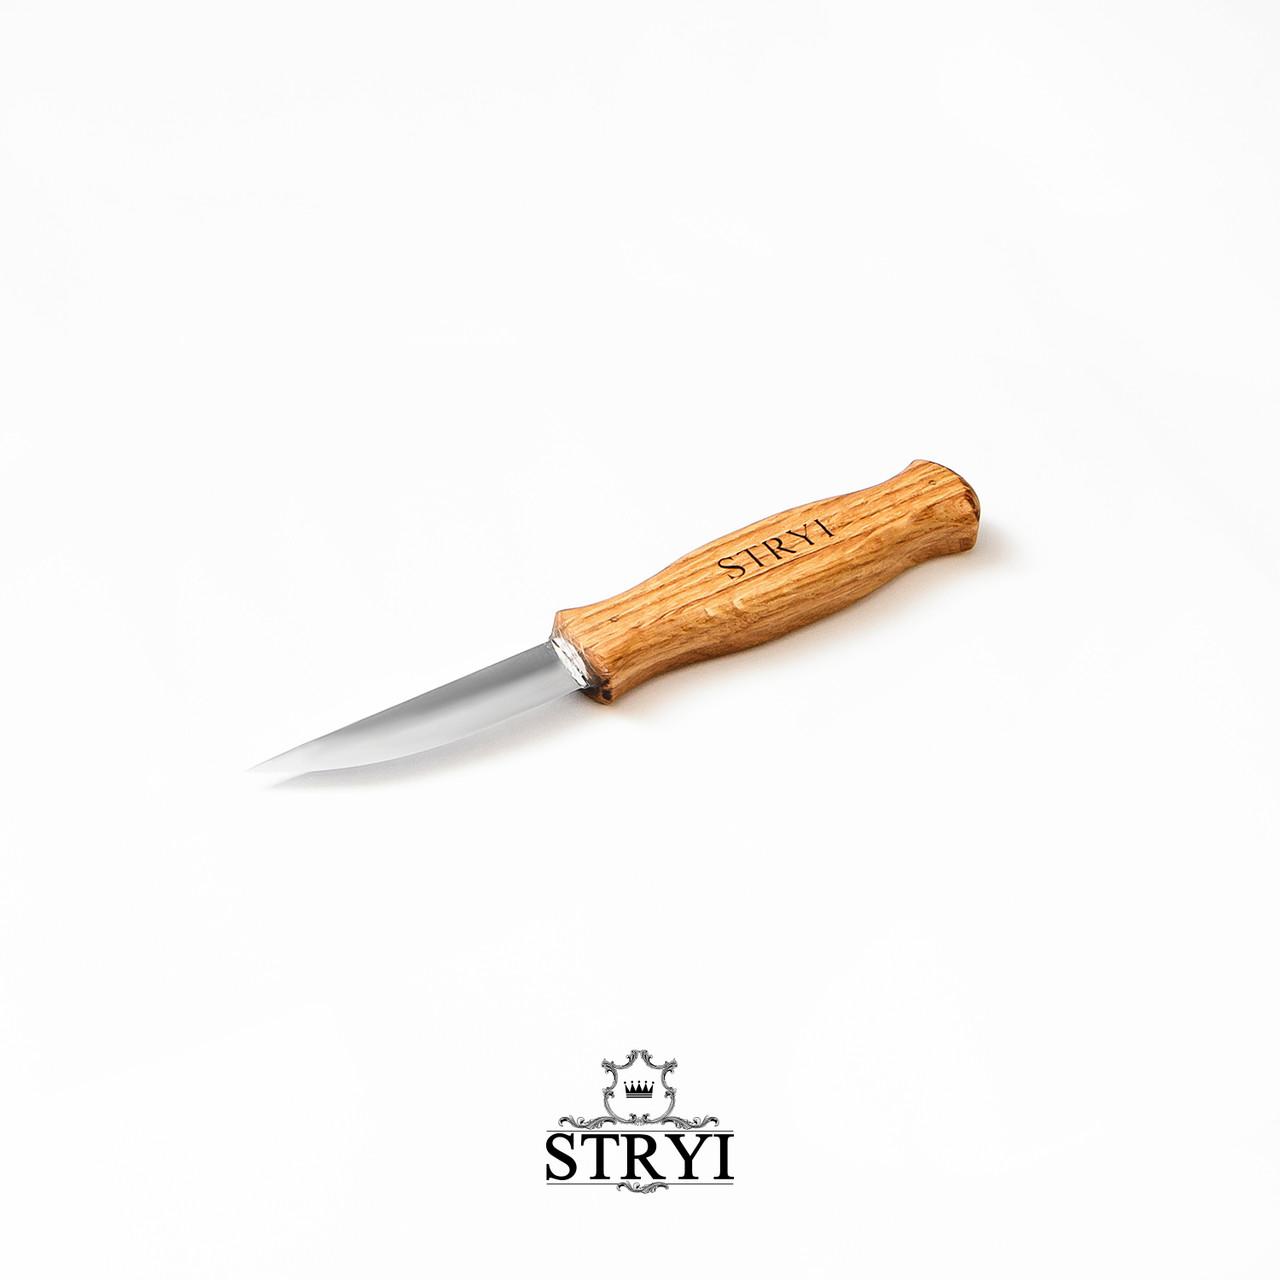 Стамеска нож скульптурный для резьбы по дереву от производителя, 80 мм